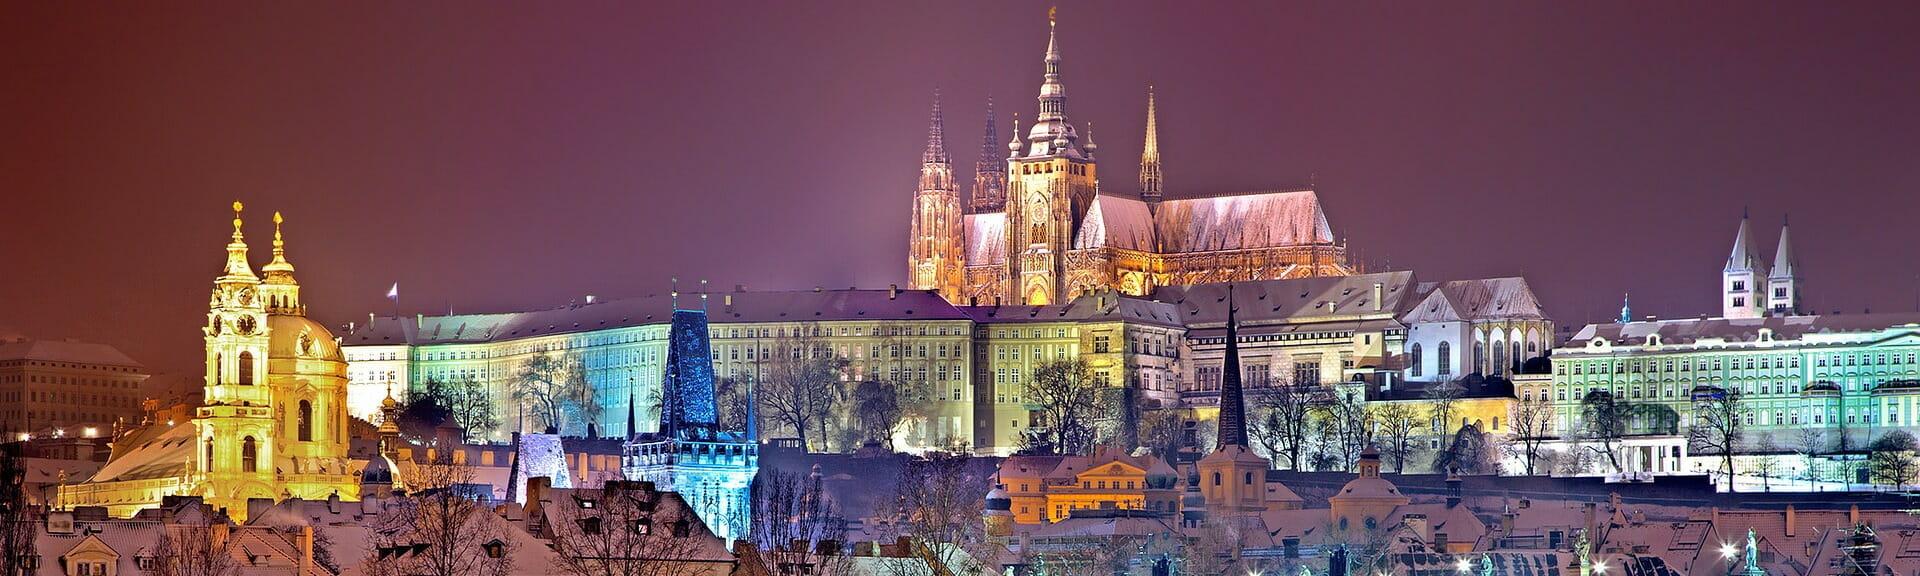 Klassenfahrt Prag Prager Burg bei Nacht im Winter